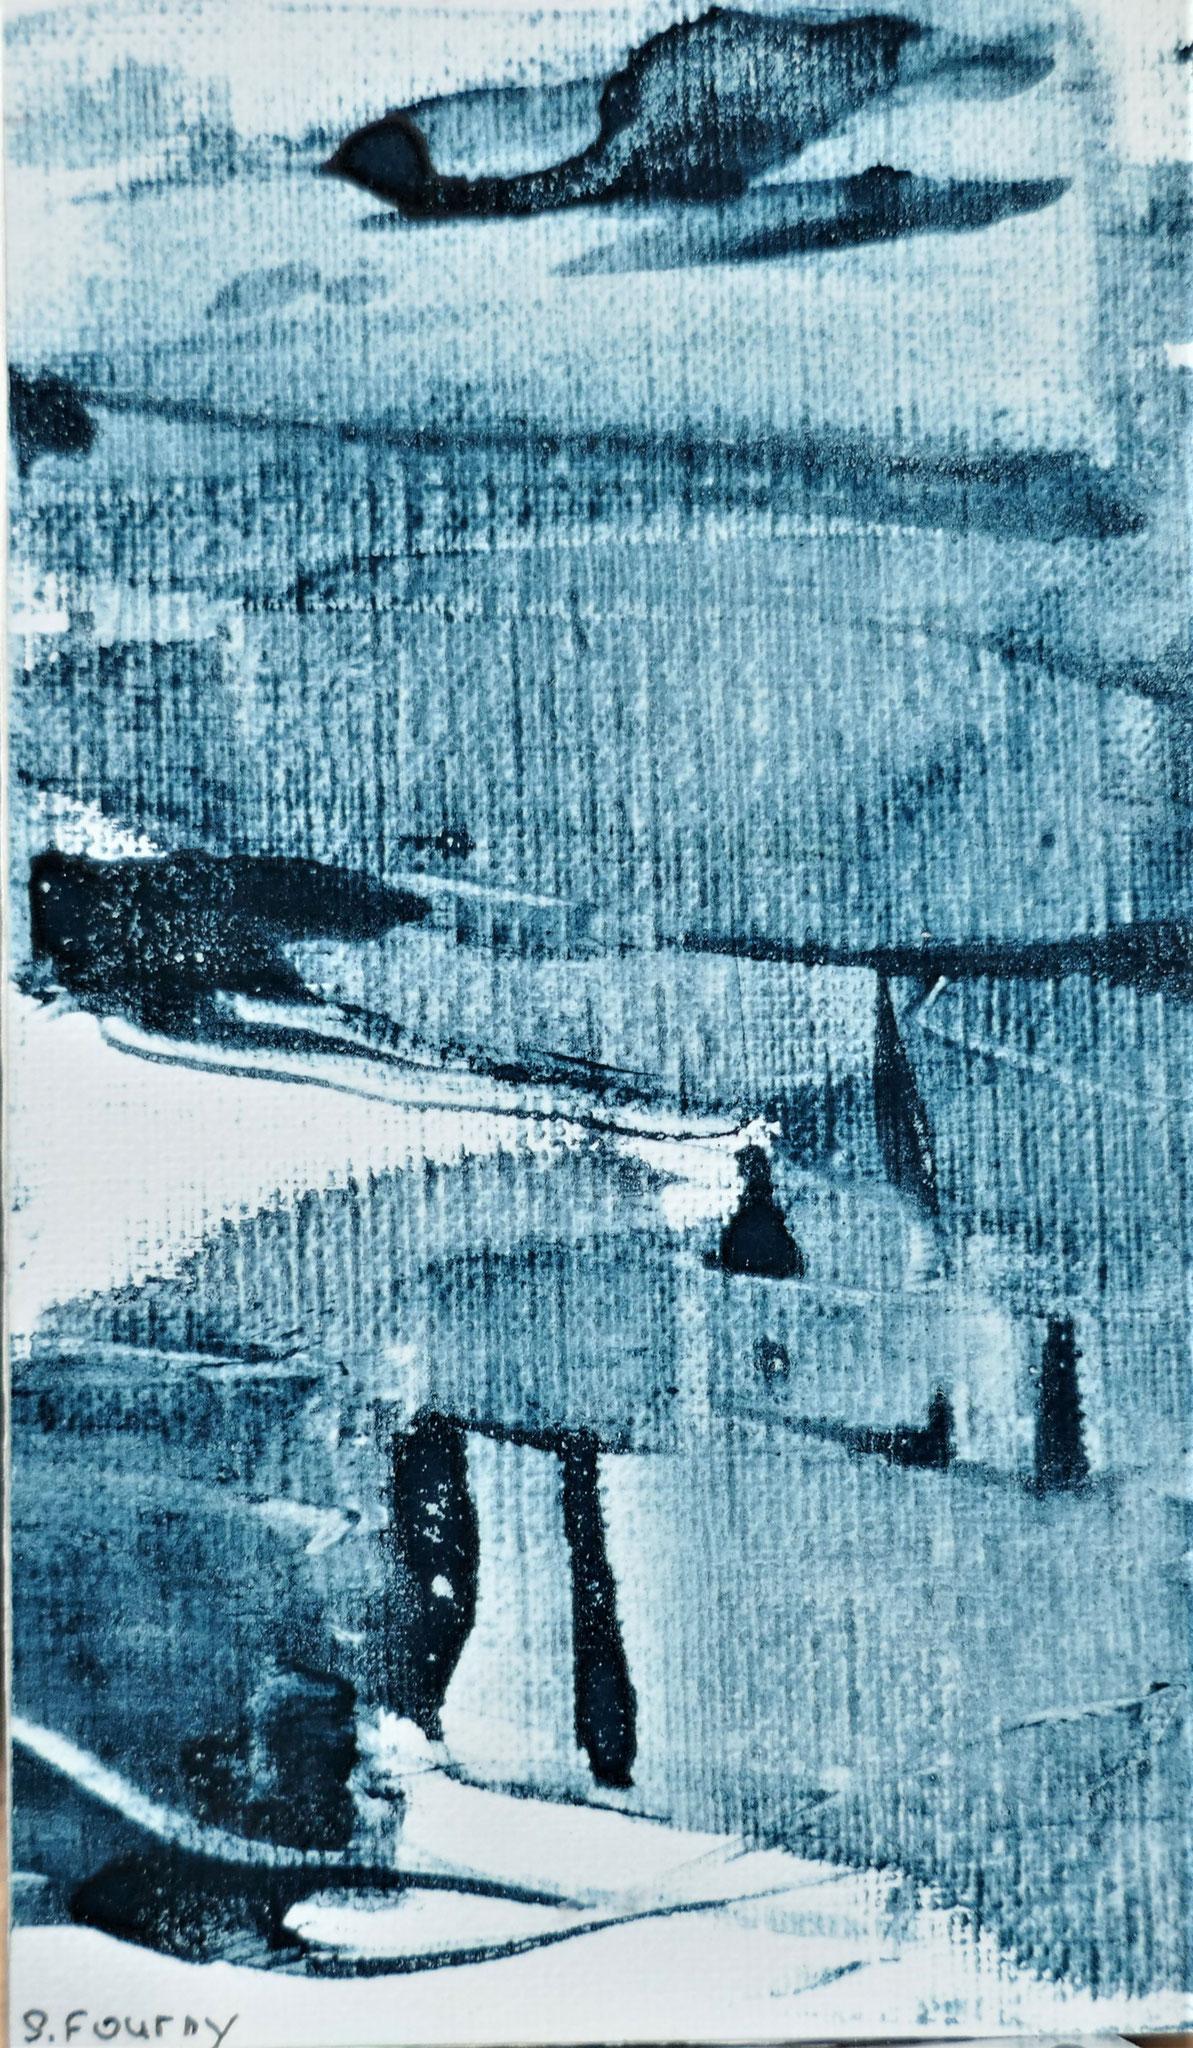 N°46 : 13 X 8 cm : pigments aquarellés sur papier